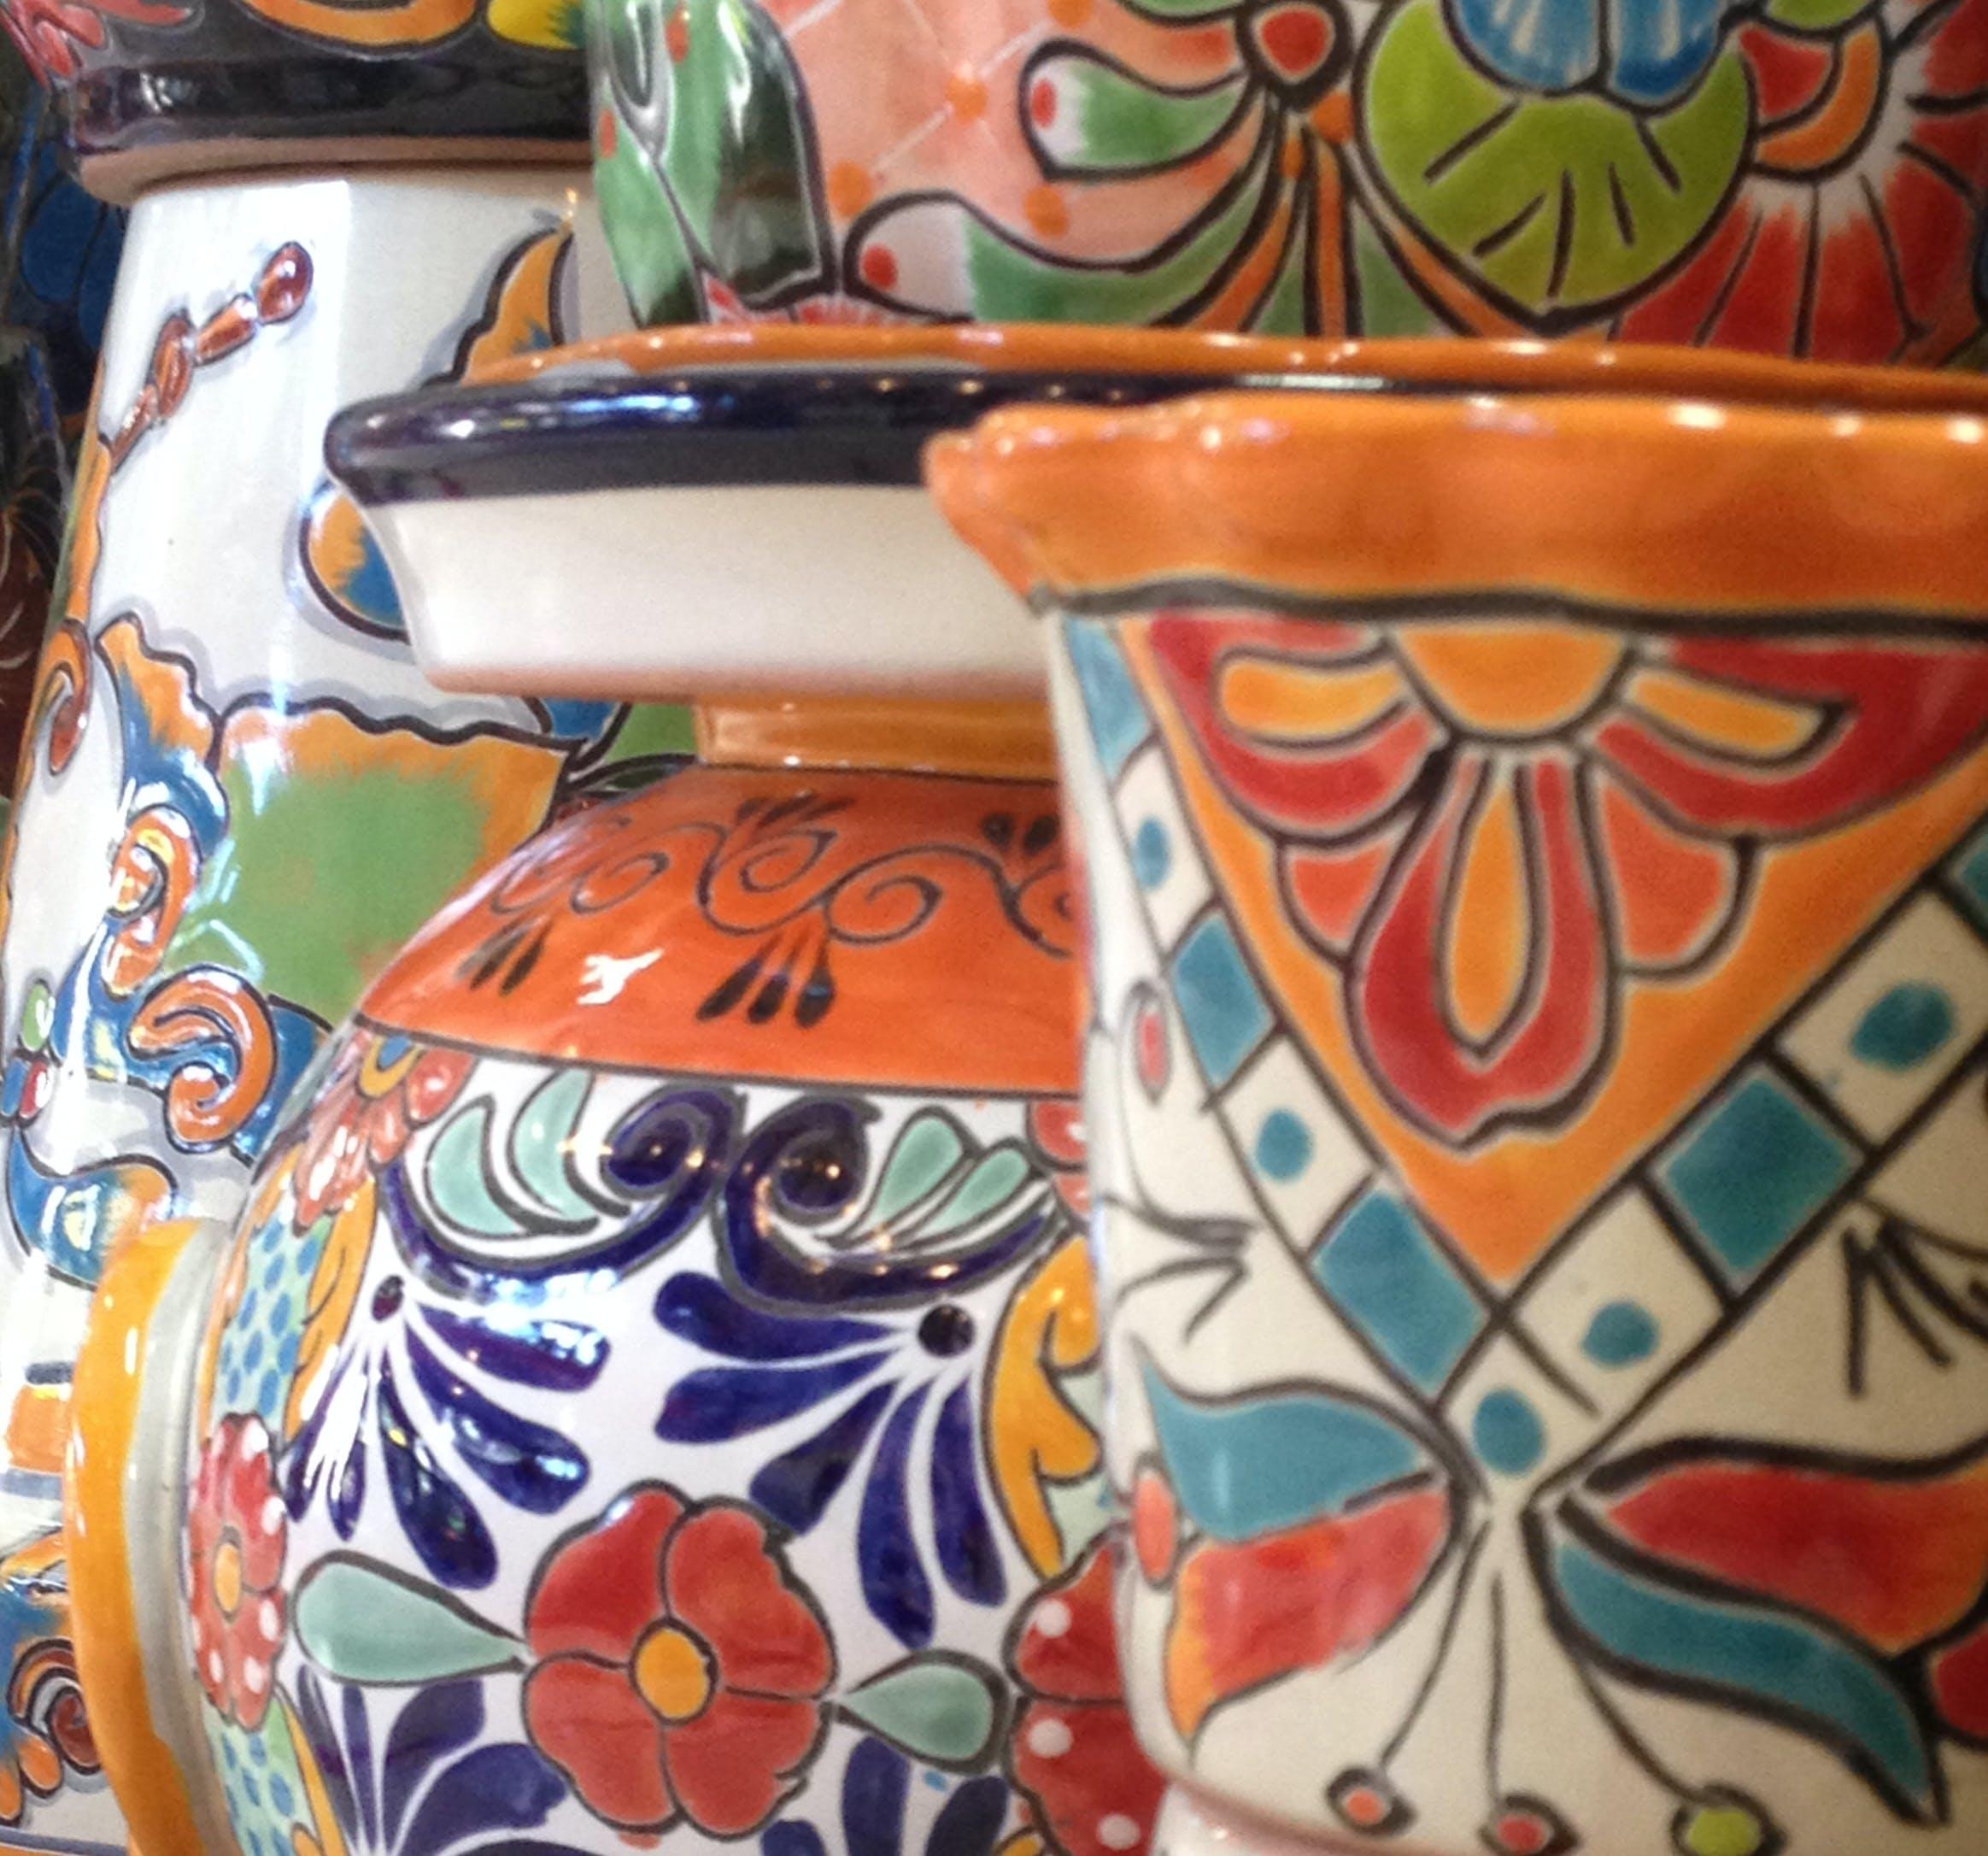 Kostenloses Stock Foto zu blumentöpfe, bunt bemalte keramik, bunte keramik, farbe